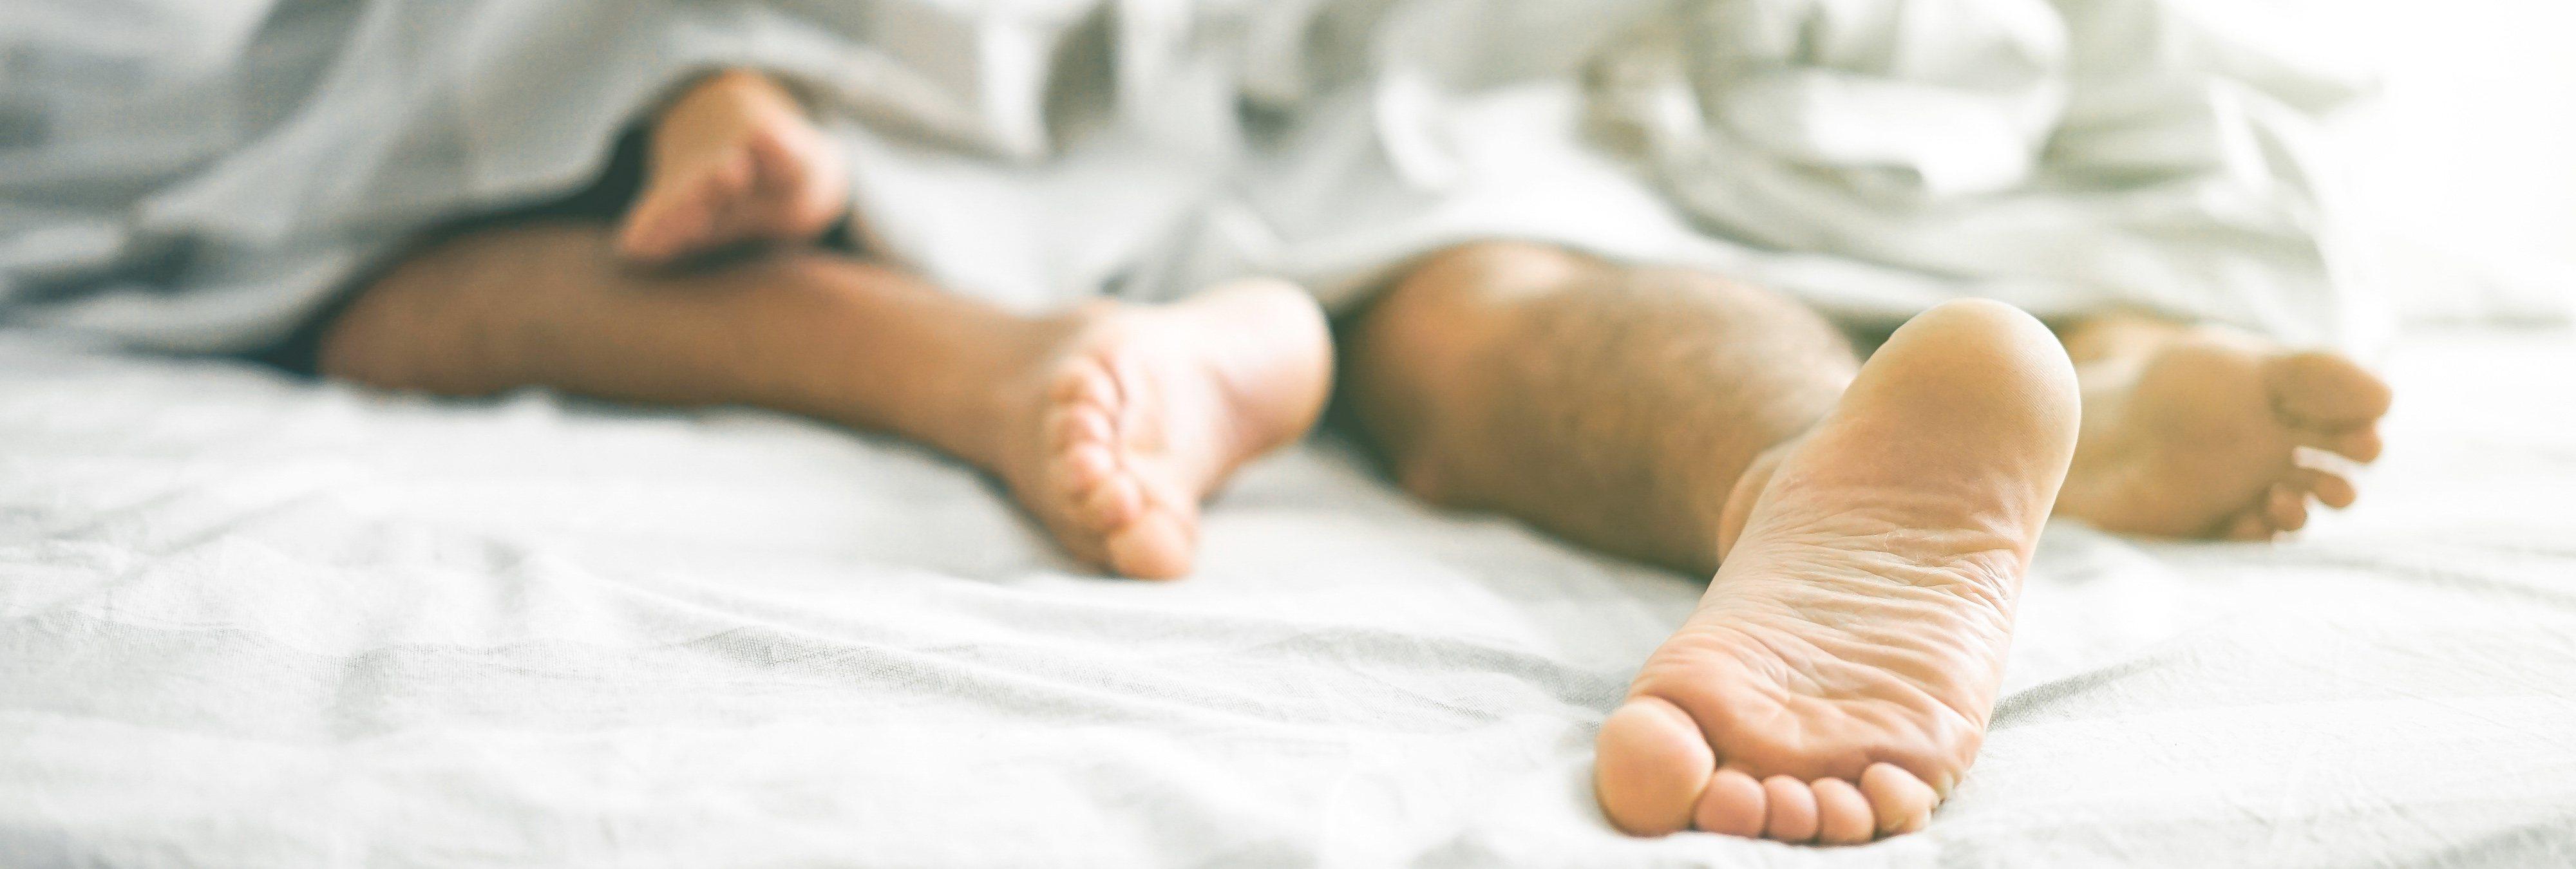 Coregasm: cómo llegar al orgasmo sin usar las manos con 4 sencillos ejercicios